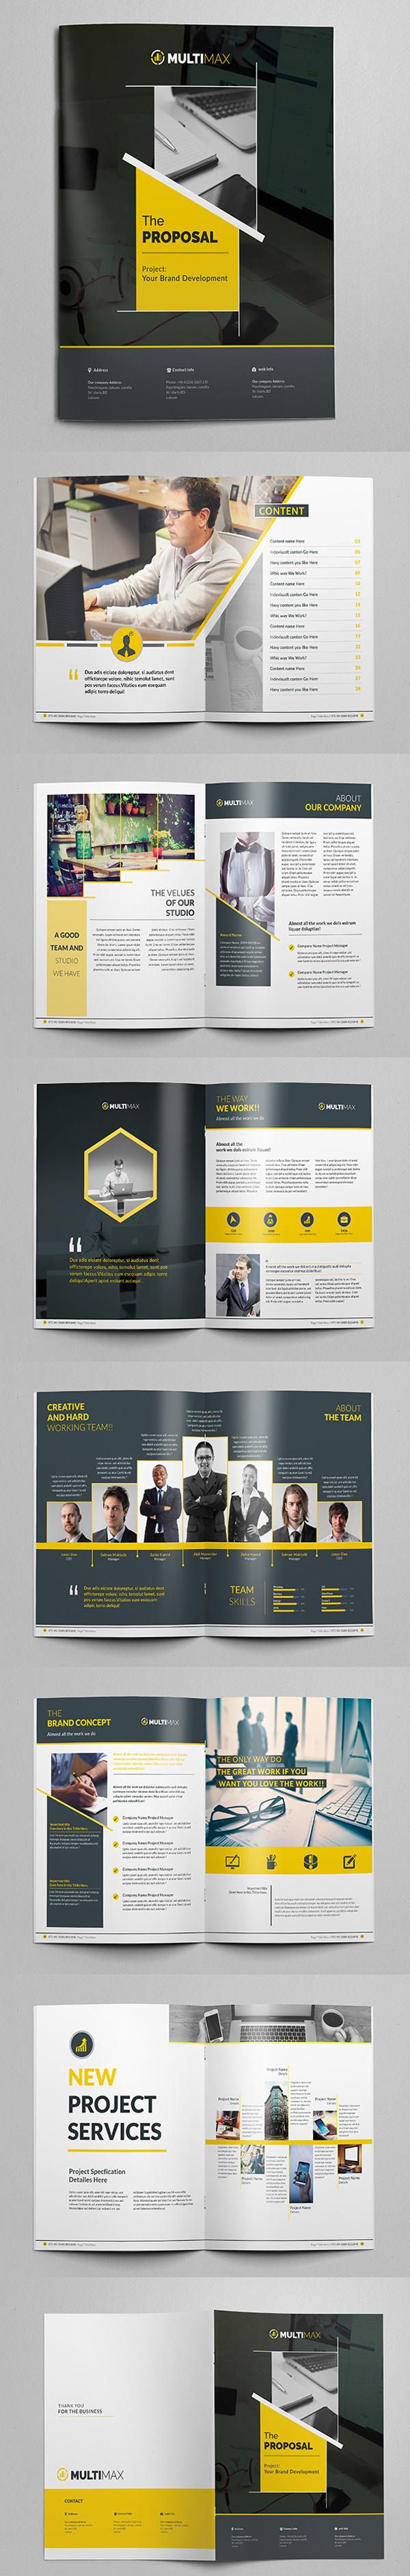 上海画册设计公司创意画册-现代商业建议宣传手册/目录设计